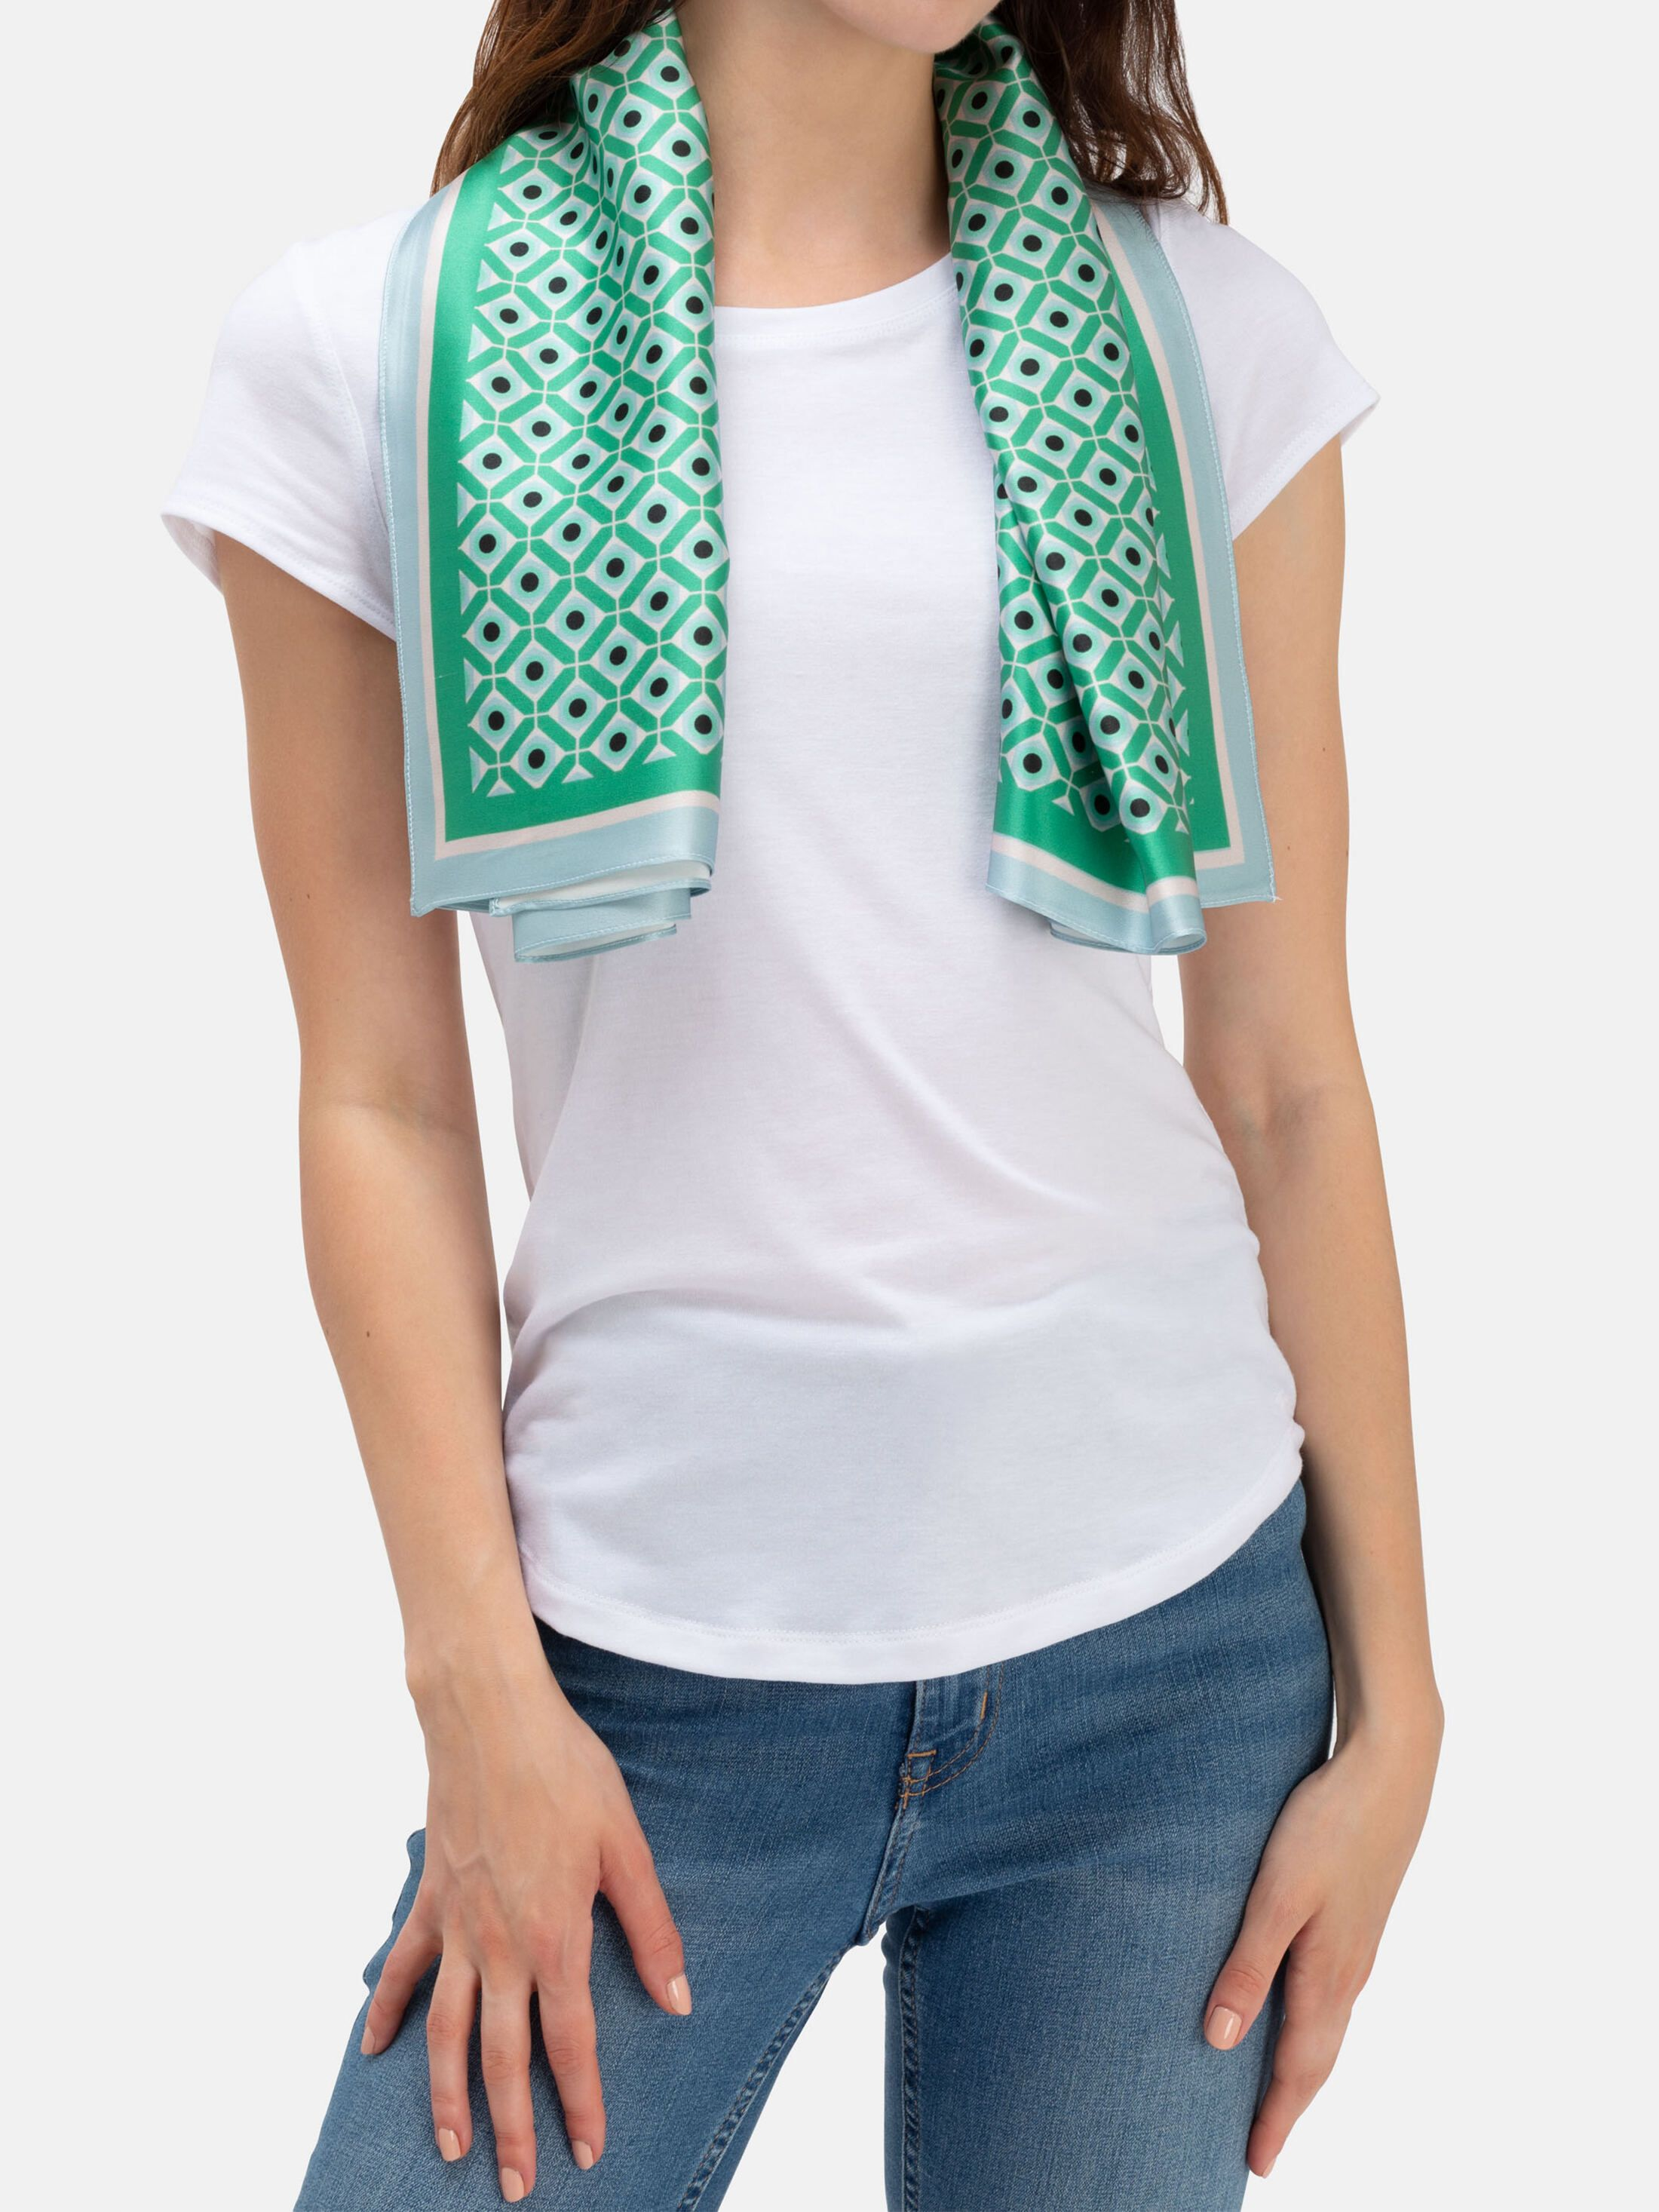 Pañuelos personalizados para la cabeza